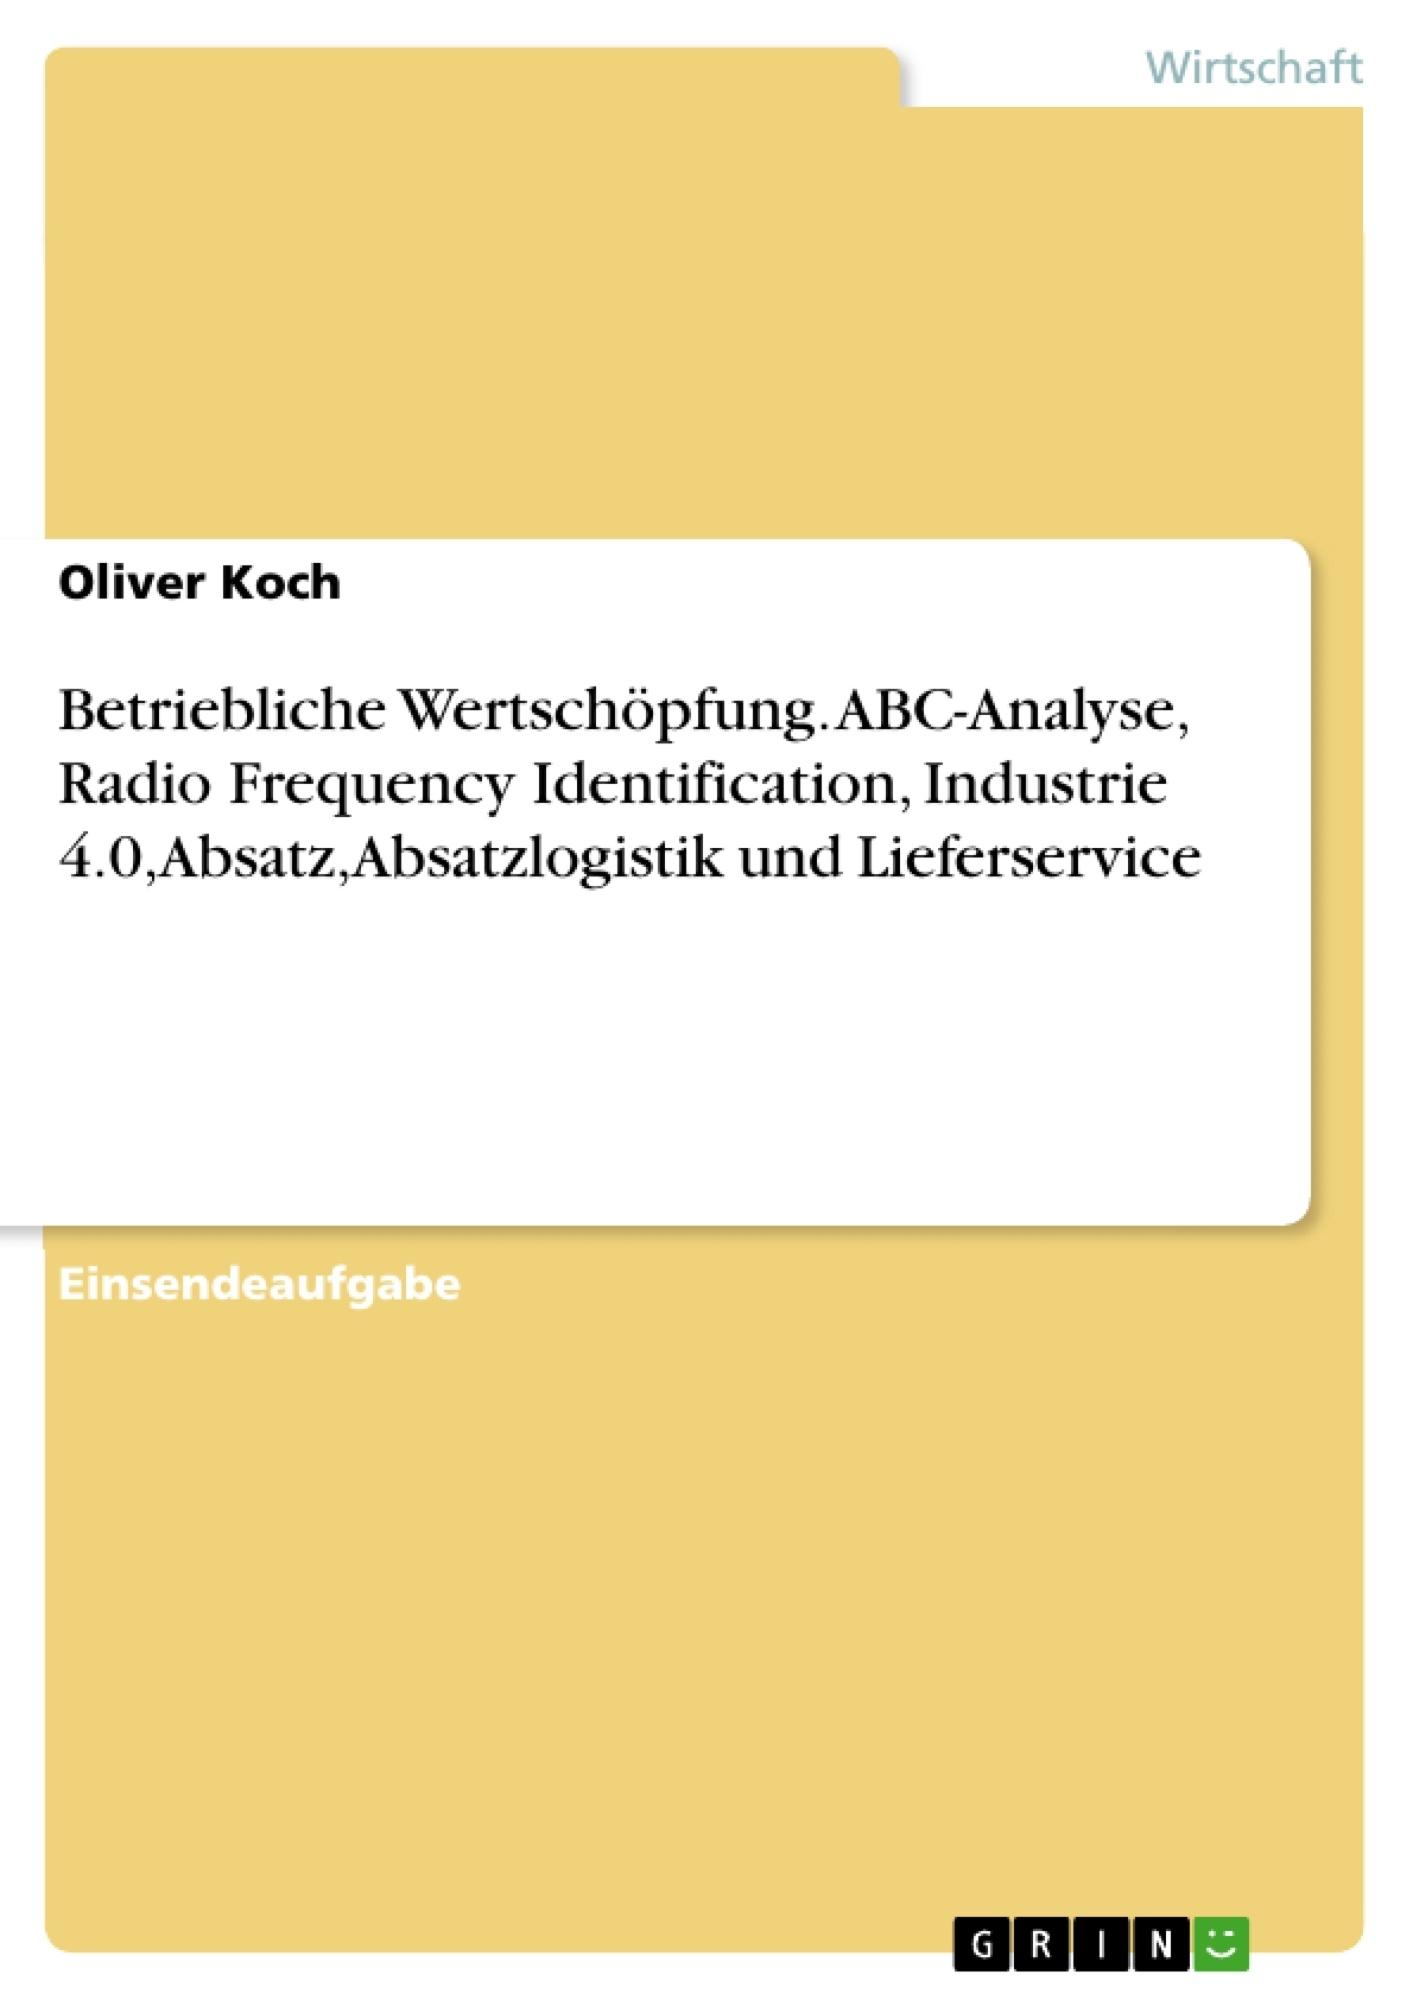 Titel: Betriebliche Wertschöpfung. ABC-Analyse, Radio Frequency Identification, Industrie 4.0, Absatz, Absatzlogistik und Lieferservice